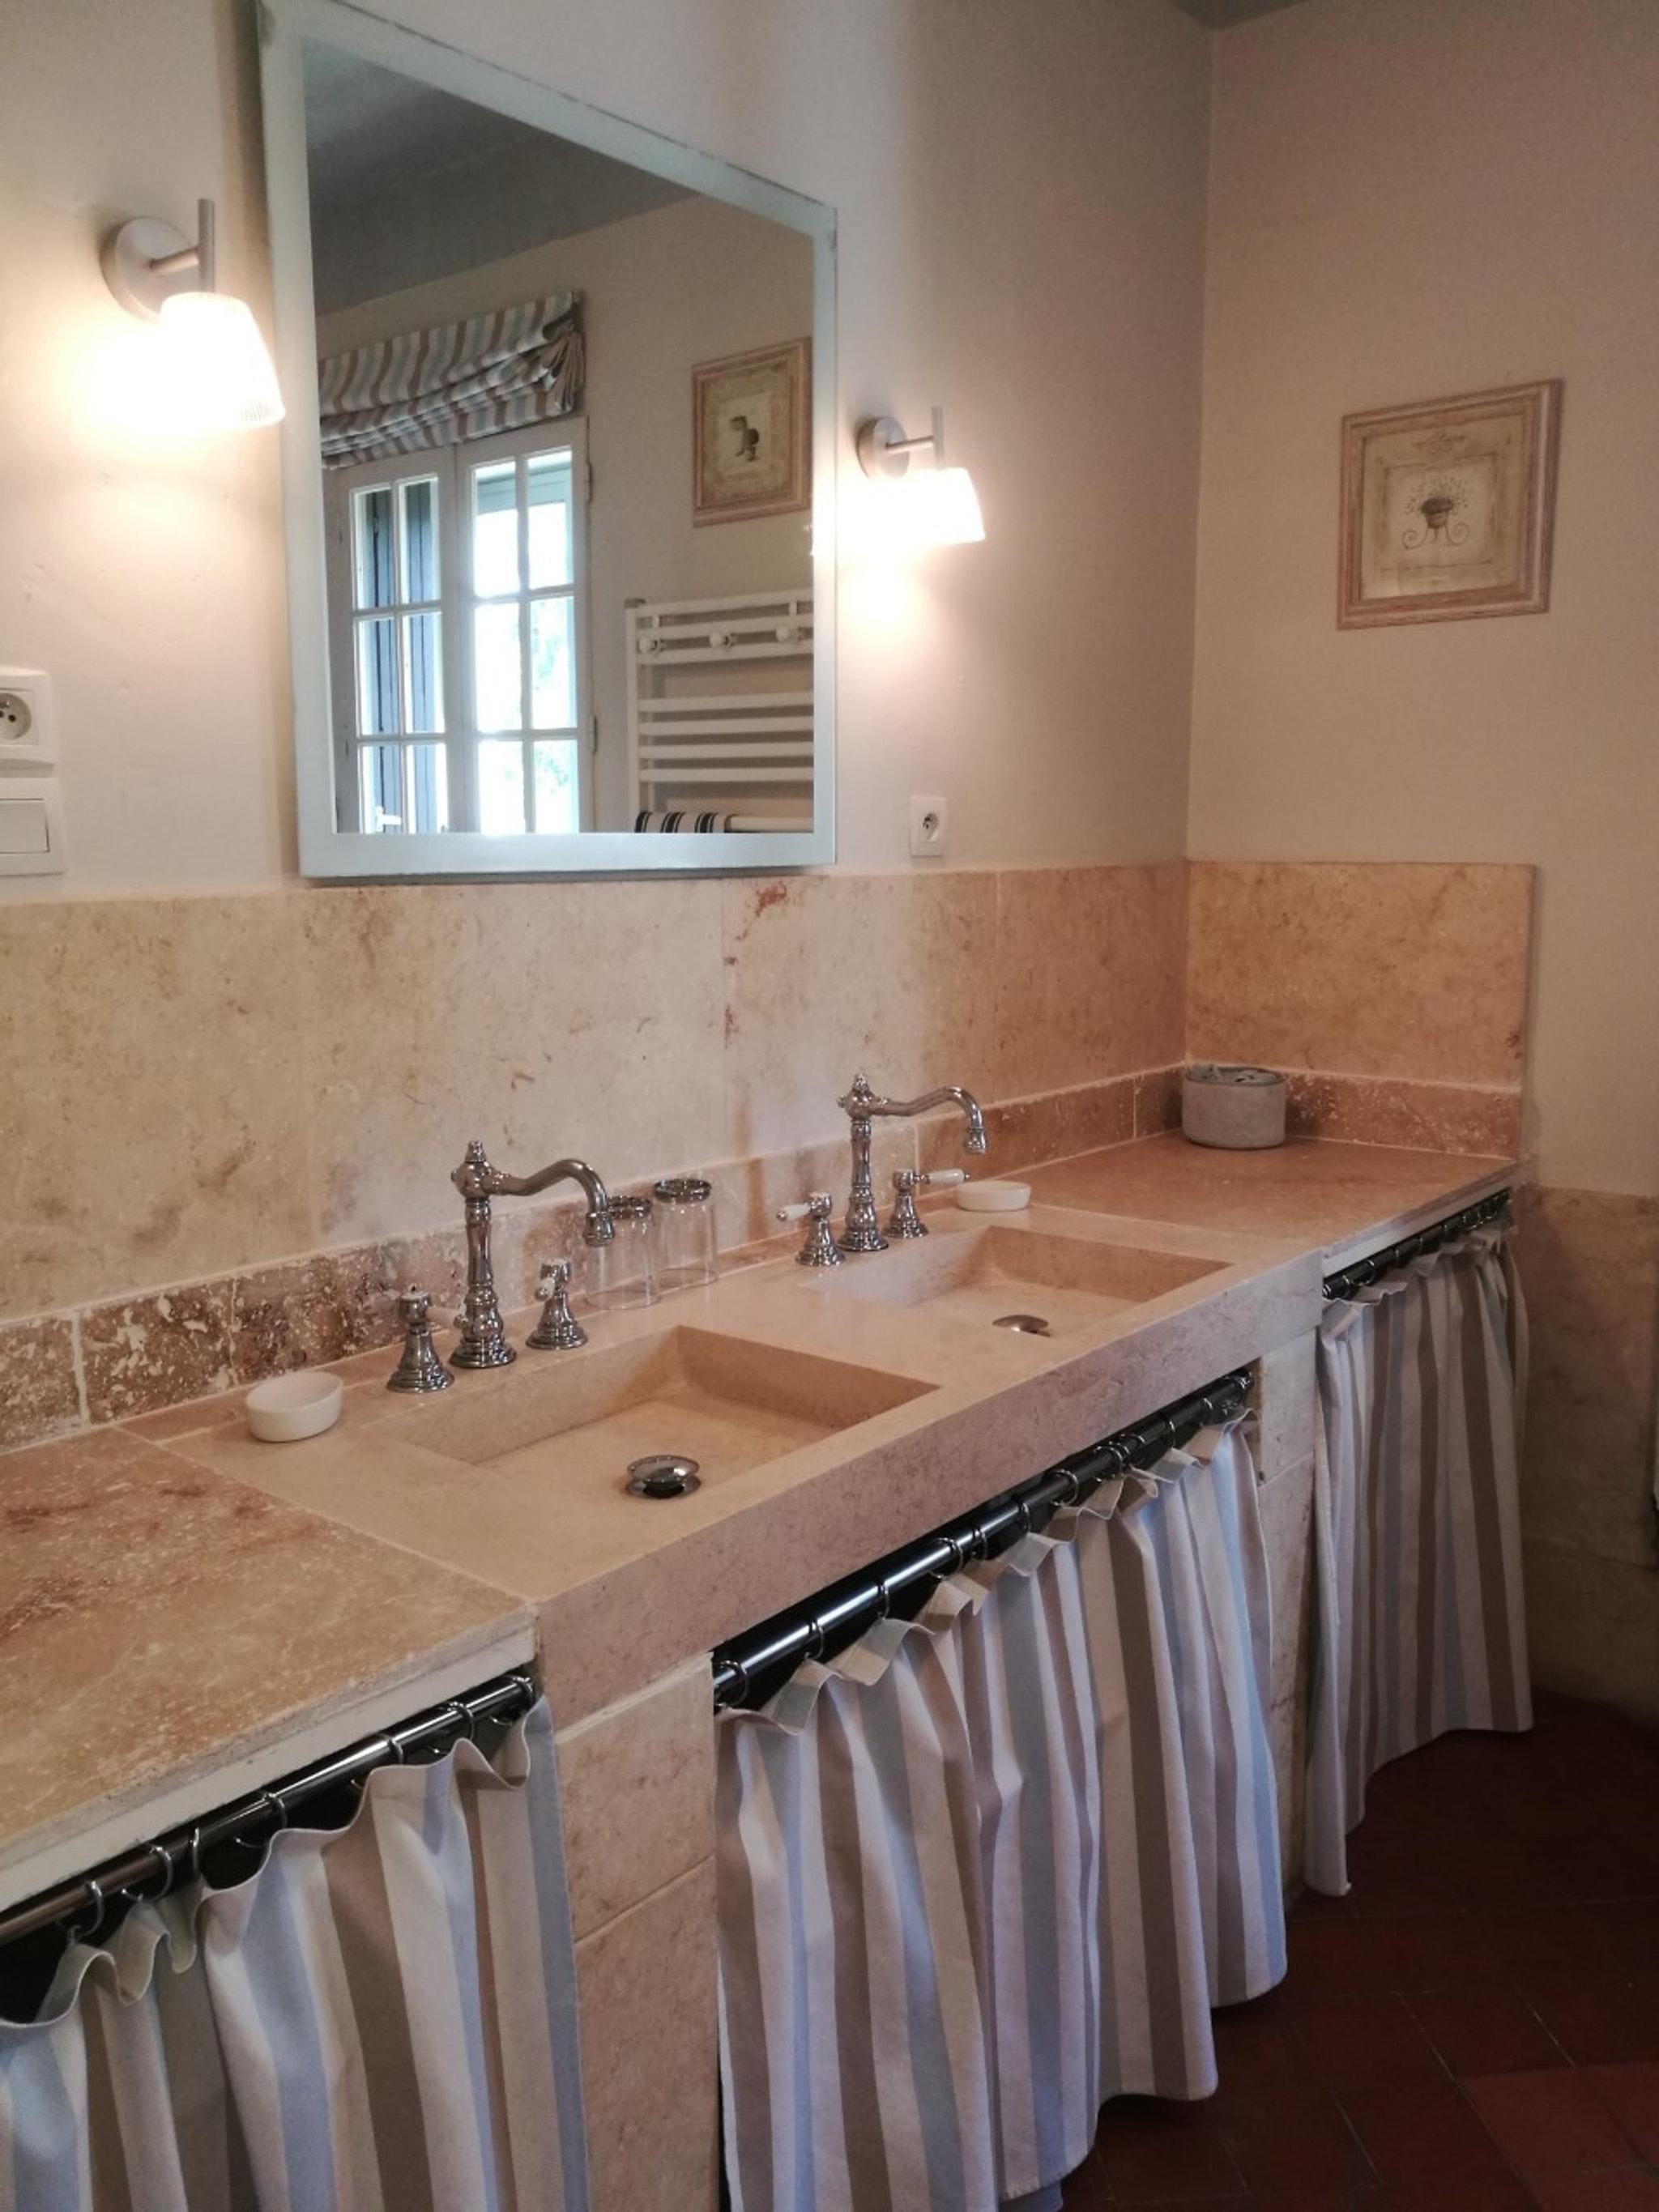 Ferienhaus Haus mit 6 Schlafzimmern in Pernes-les-Fontaines mit privatem Pool, möbliertem Garten und  (2377414), Pernes les Fontaines, Saône-et-Loire, Burgund, Frankreich, Bild 41